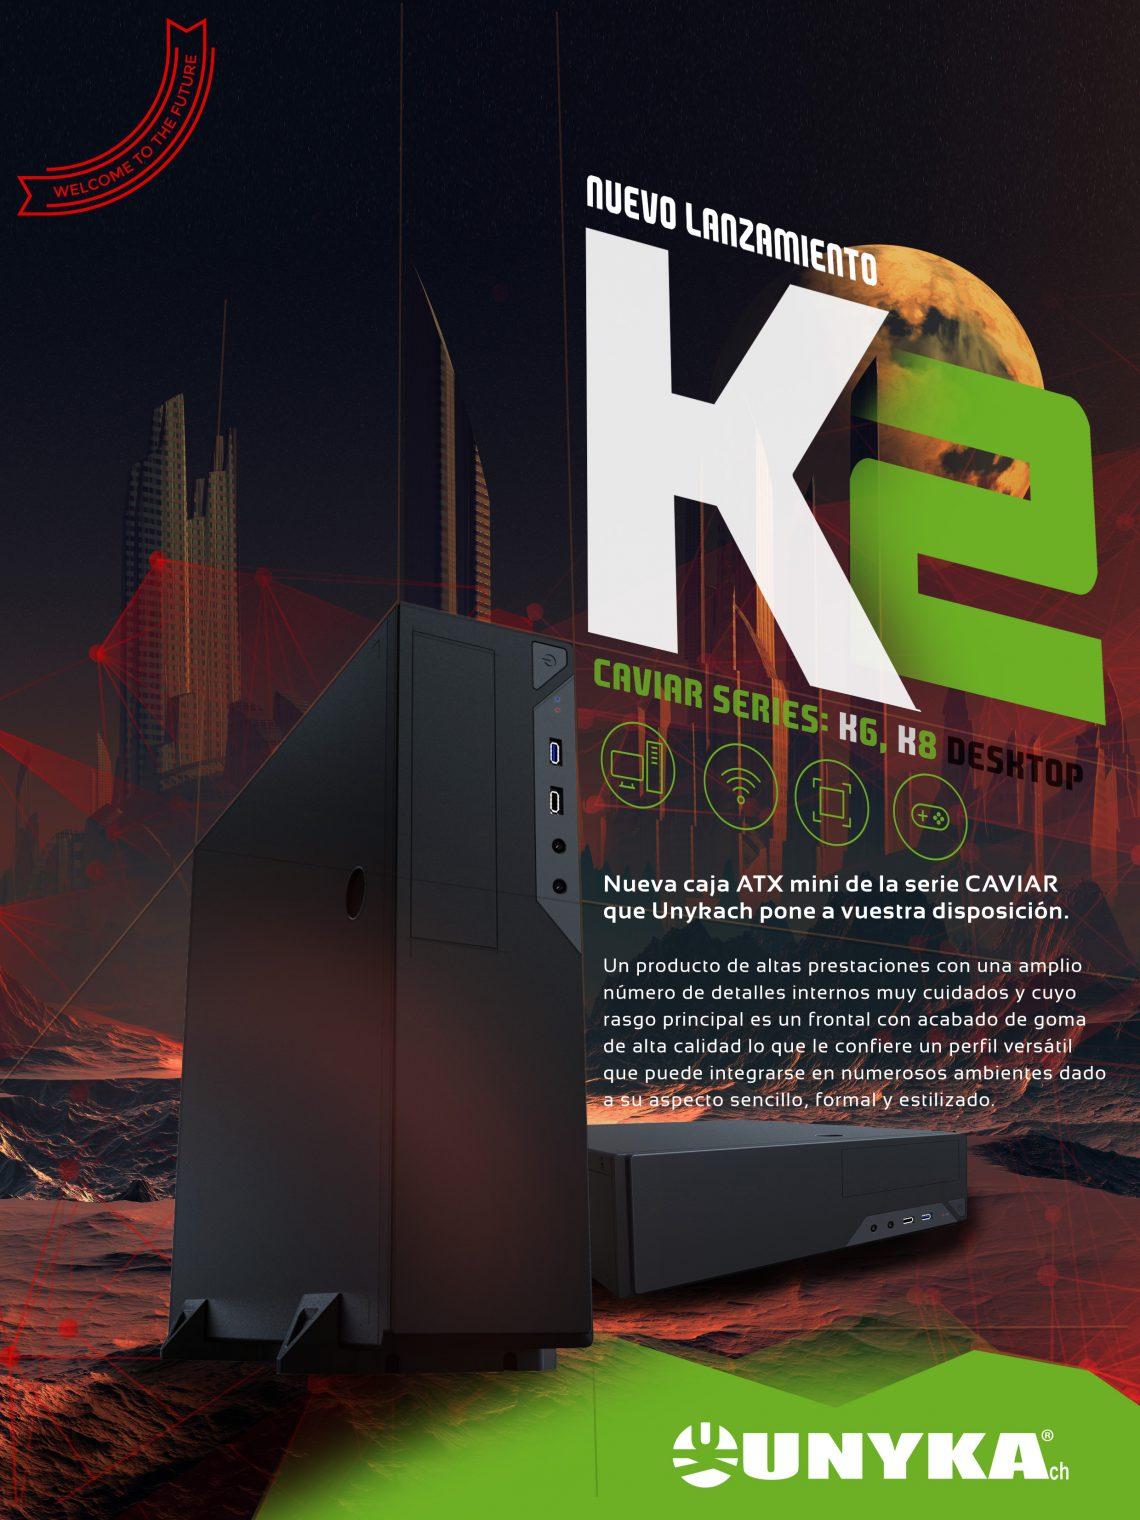 Anuncio de Revista a Página completa diseñada por Brandesign agencia creativa